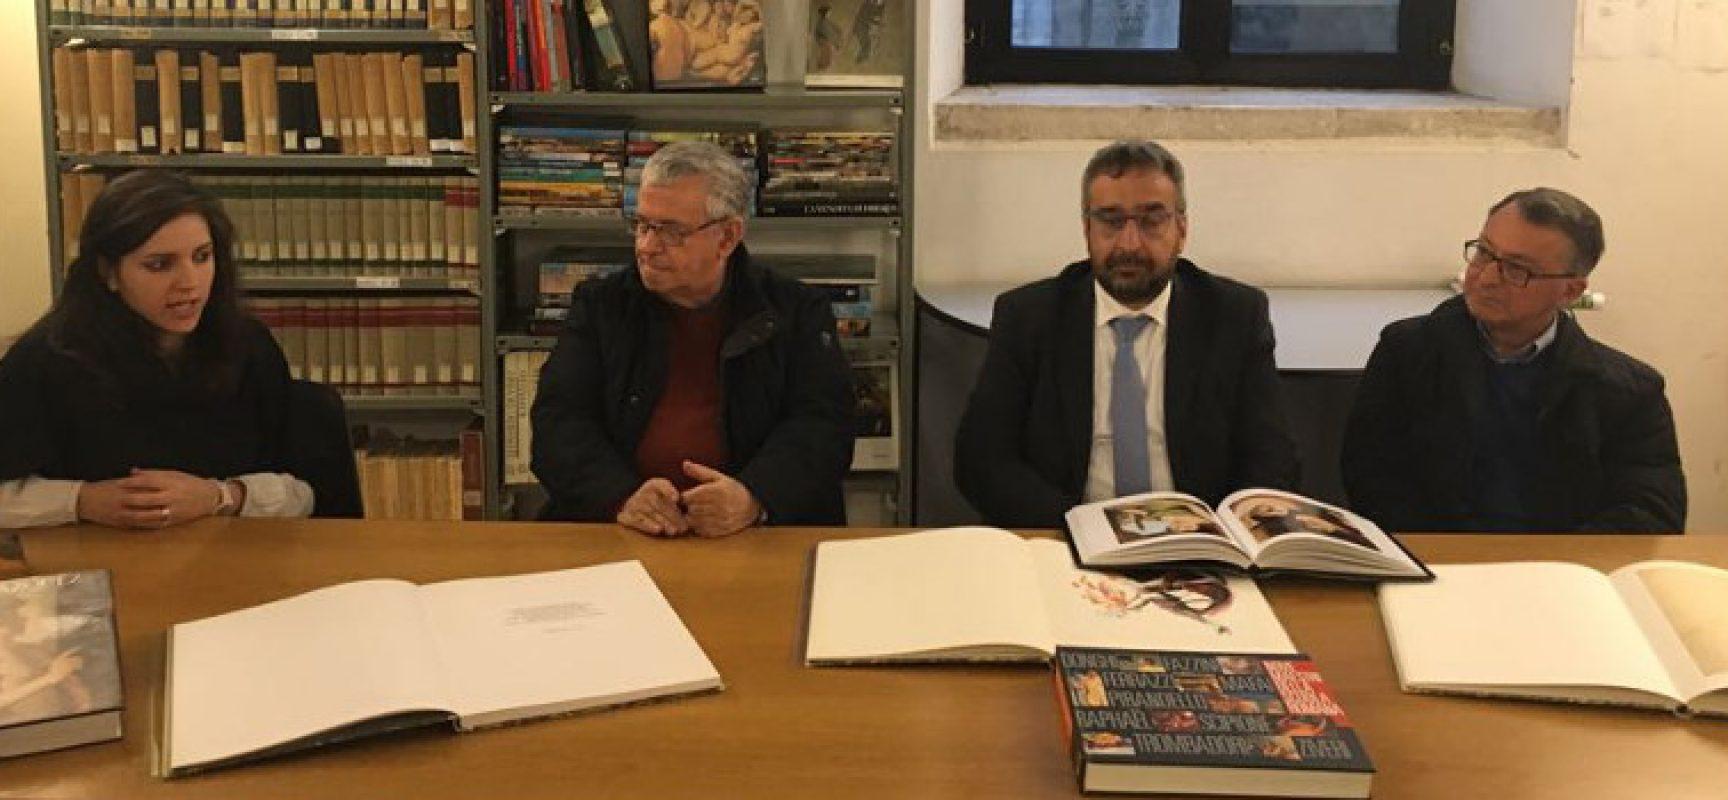 La famiglia Baldini dona novecento libri d'arte alla biblioteca comunale